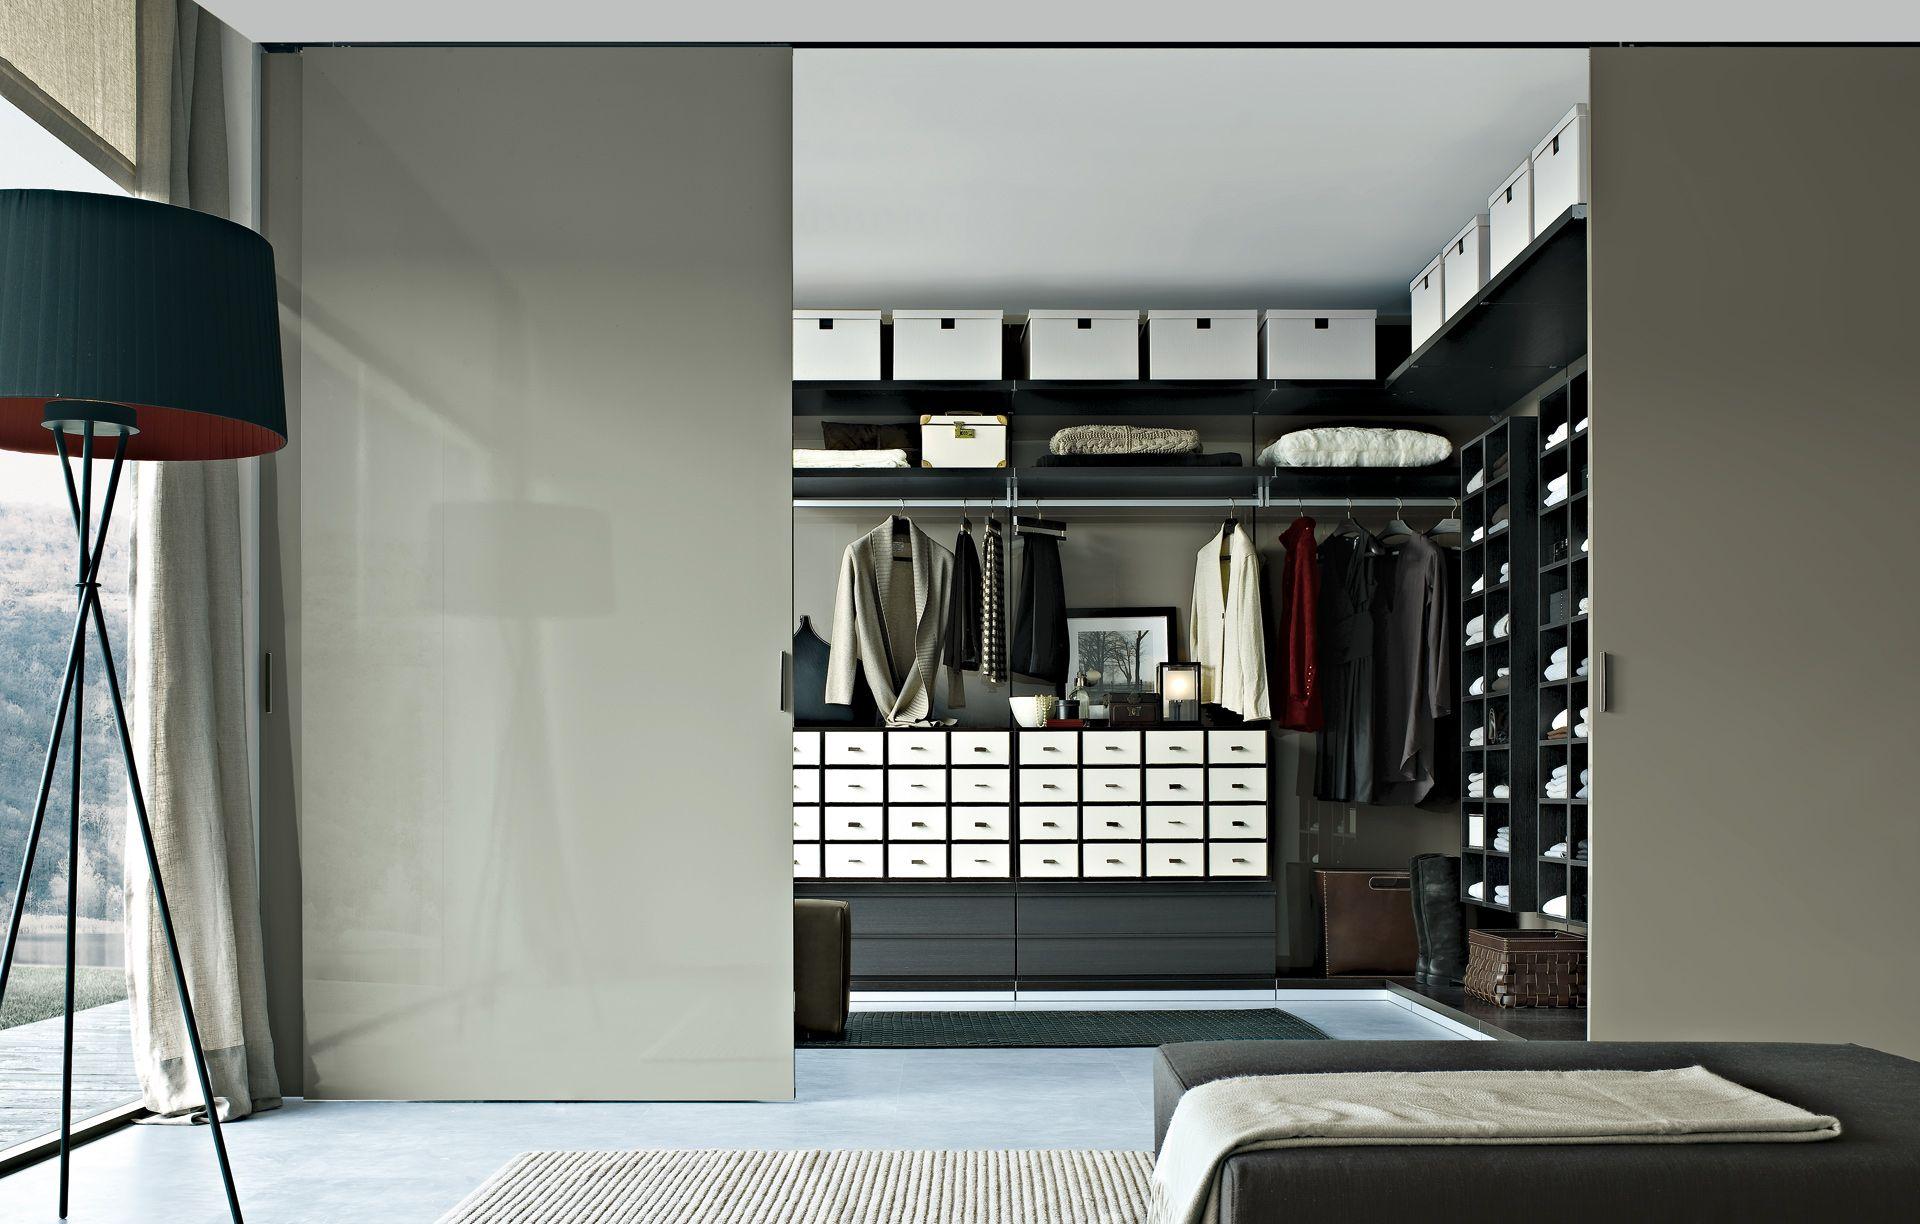 Poliform Ubik and Senzafine | Walk in closet | Pinterest